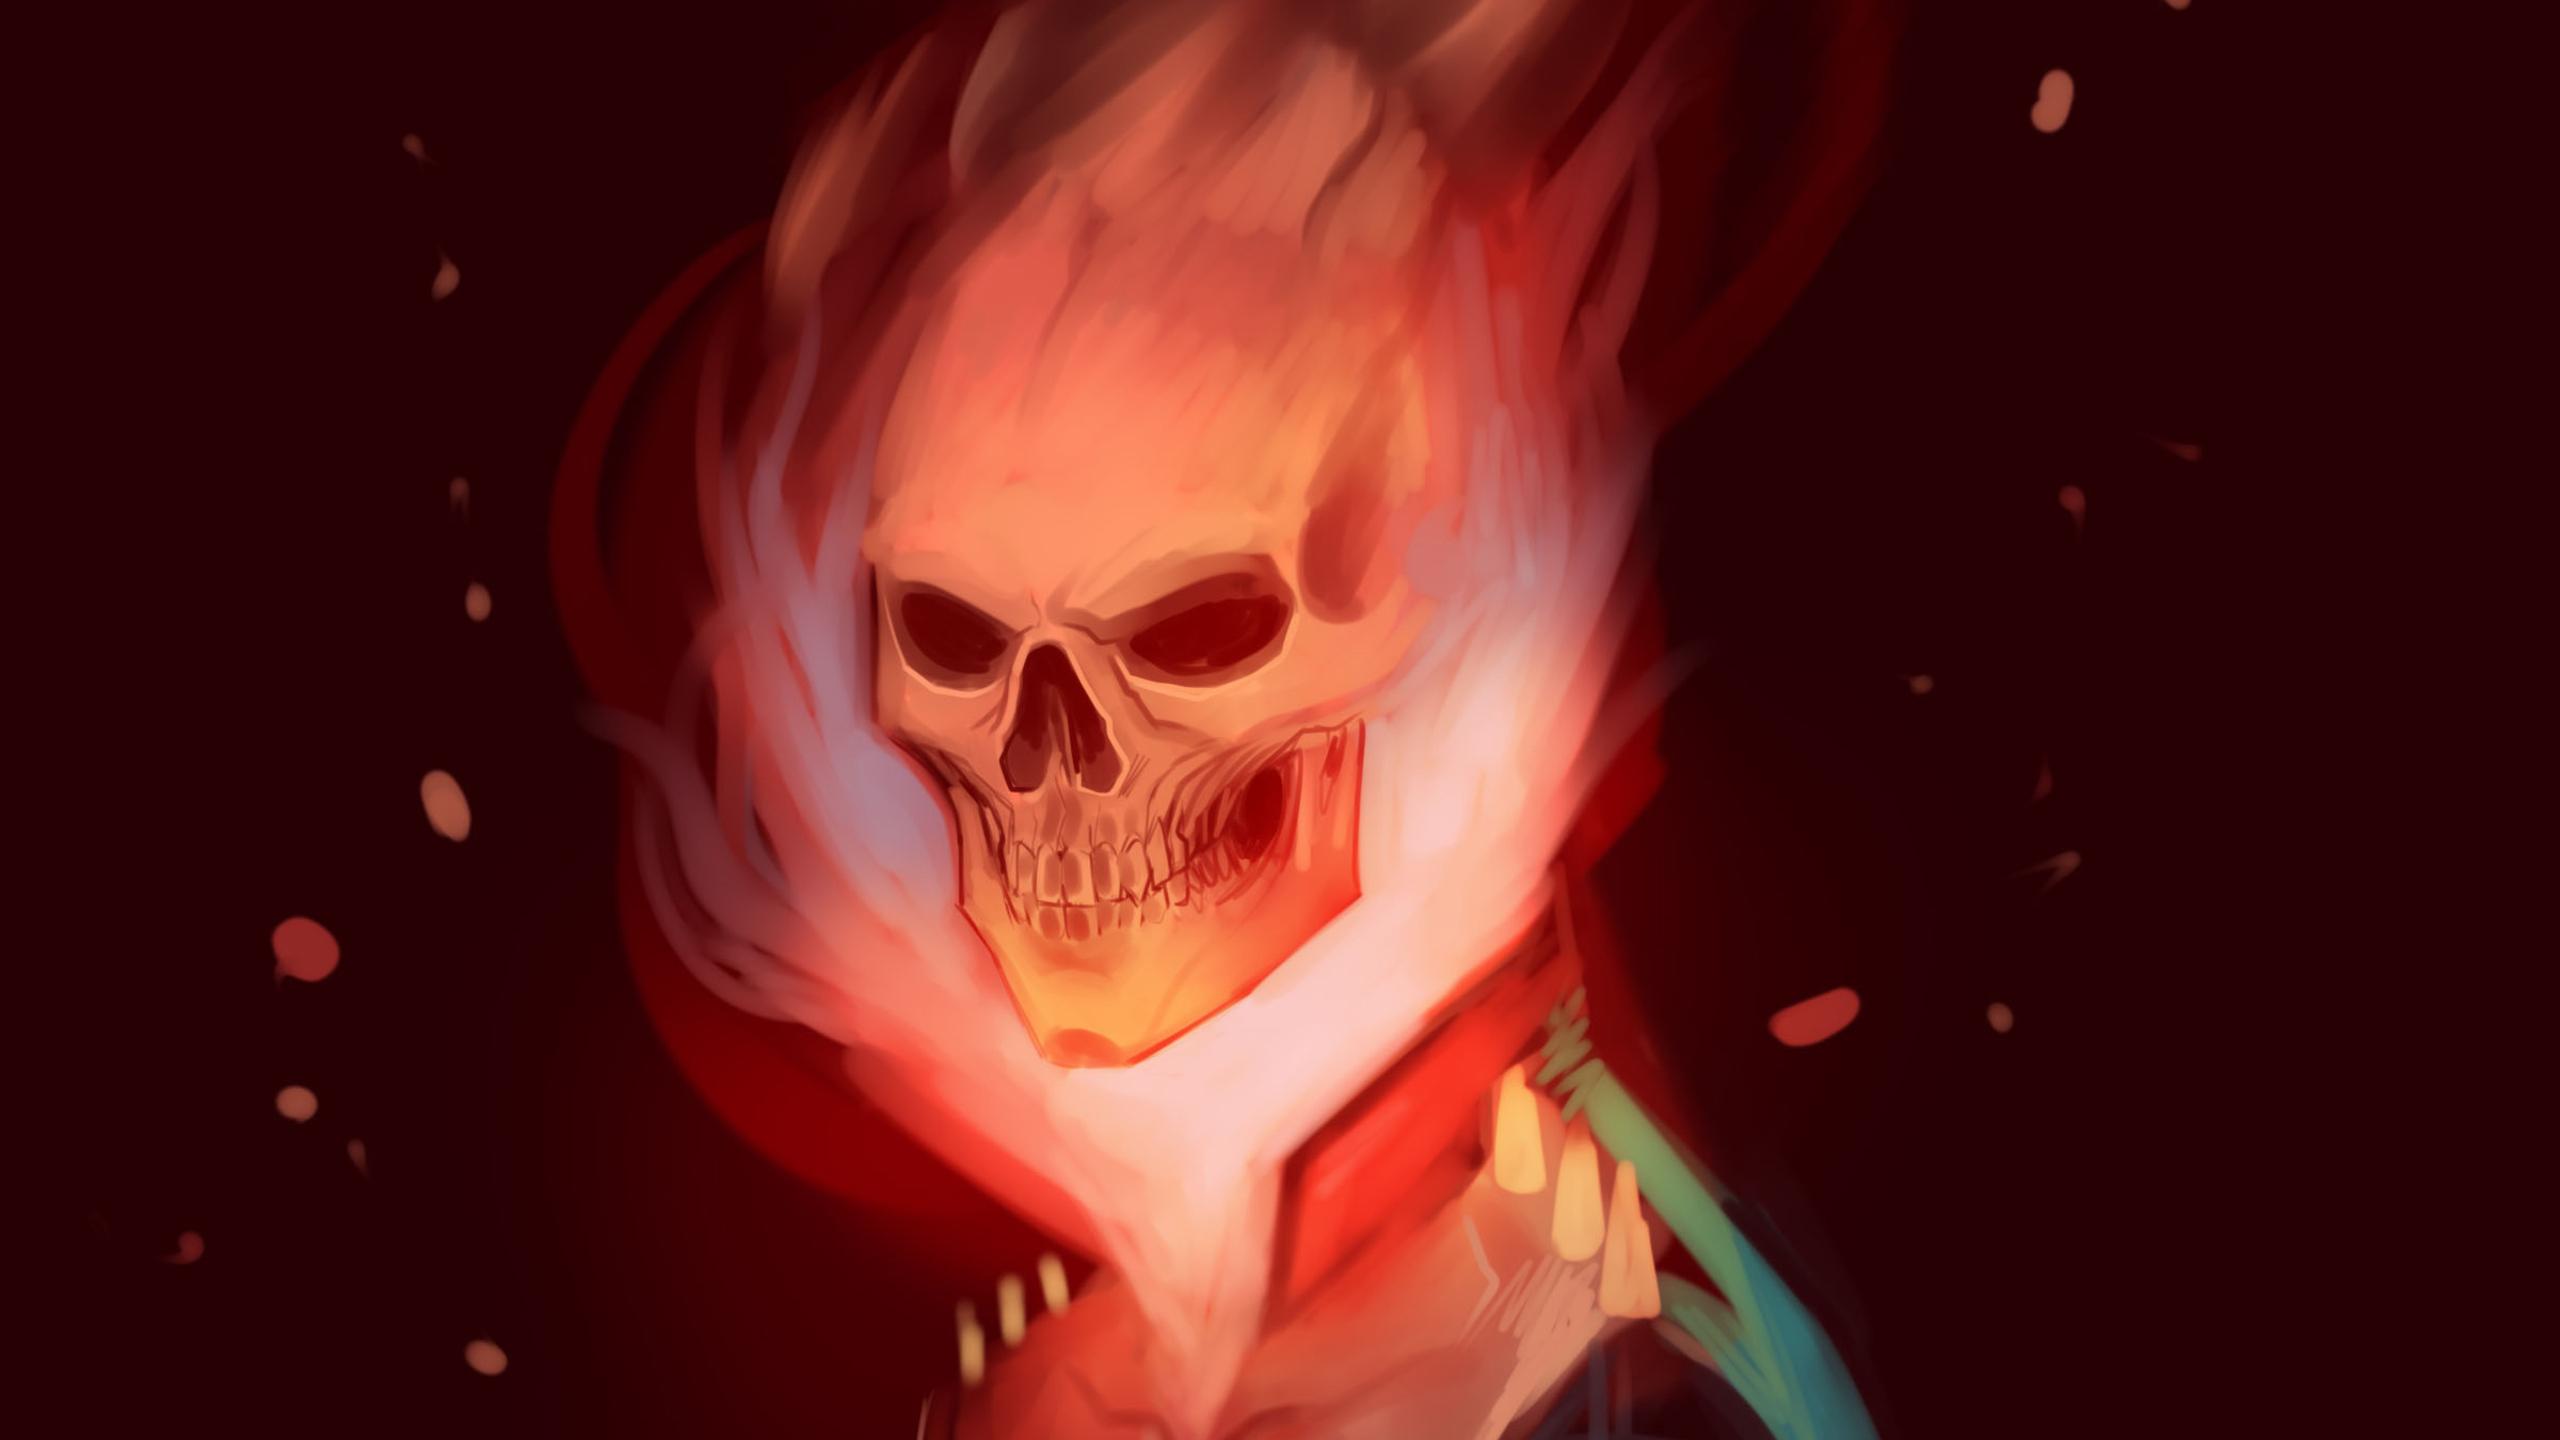 ghost-rider-digital-art-g6.jpg